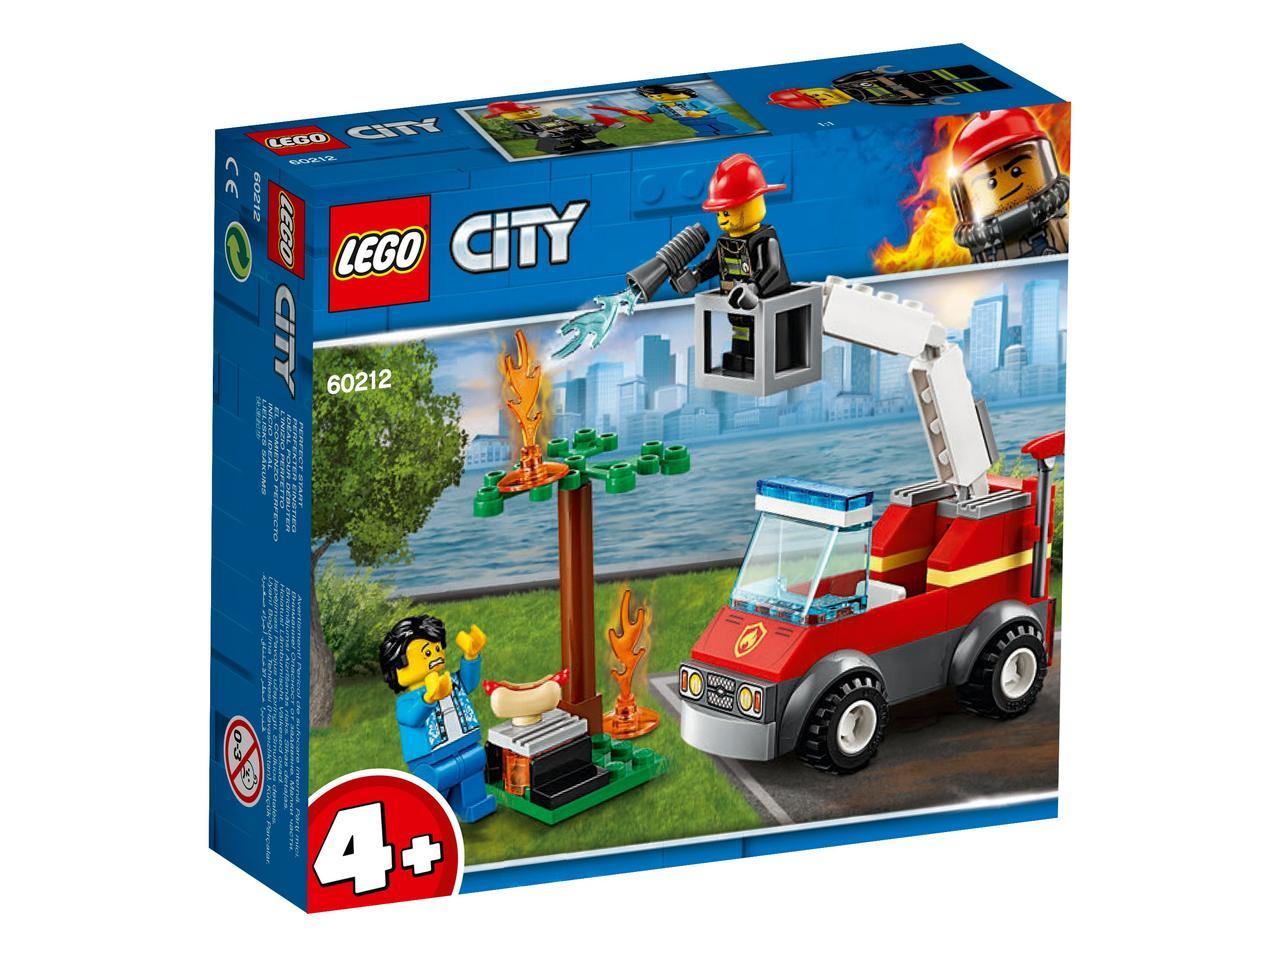 Конструктор LEGO City Пожар на пикнике 64 детали (60212)